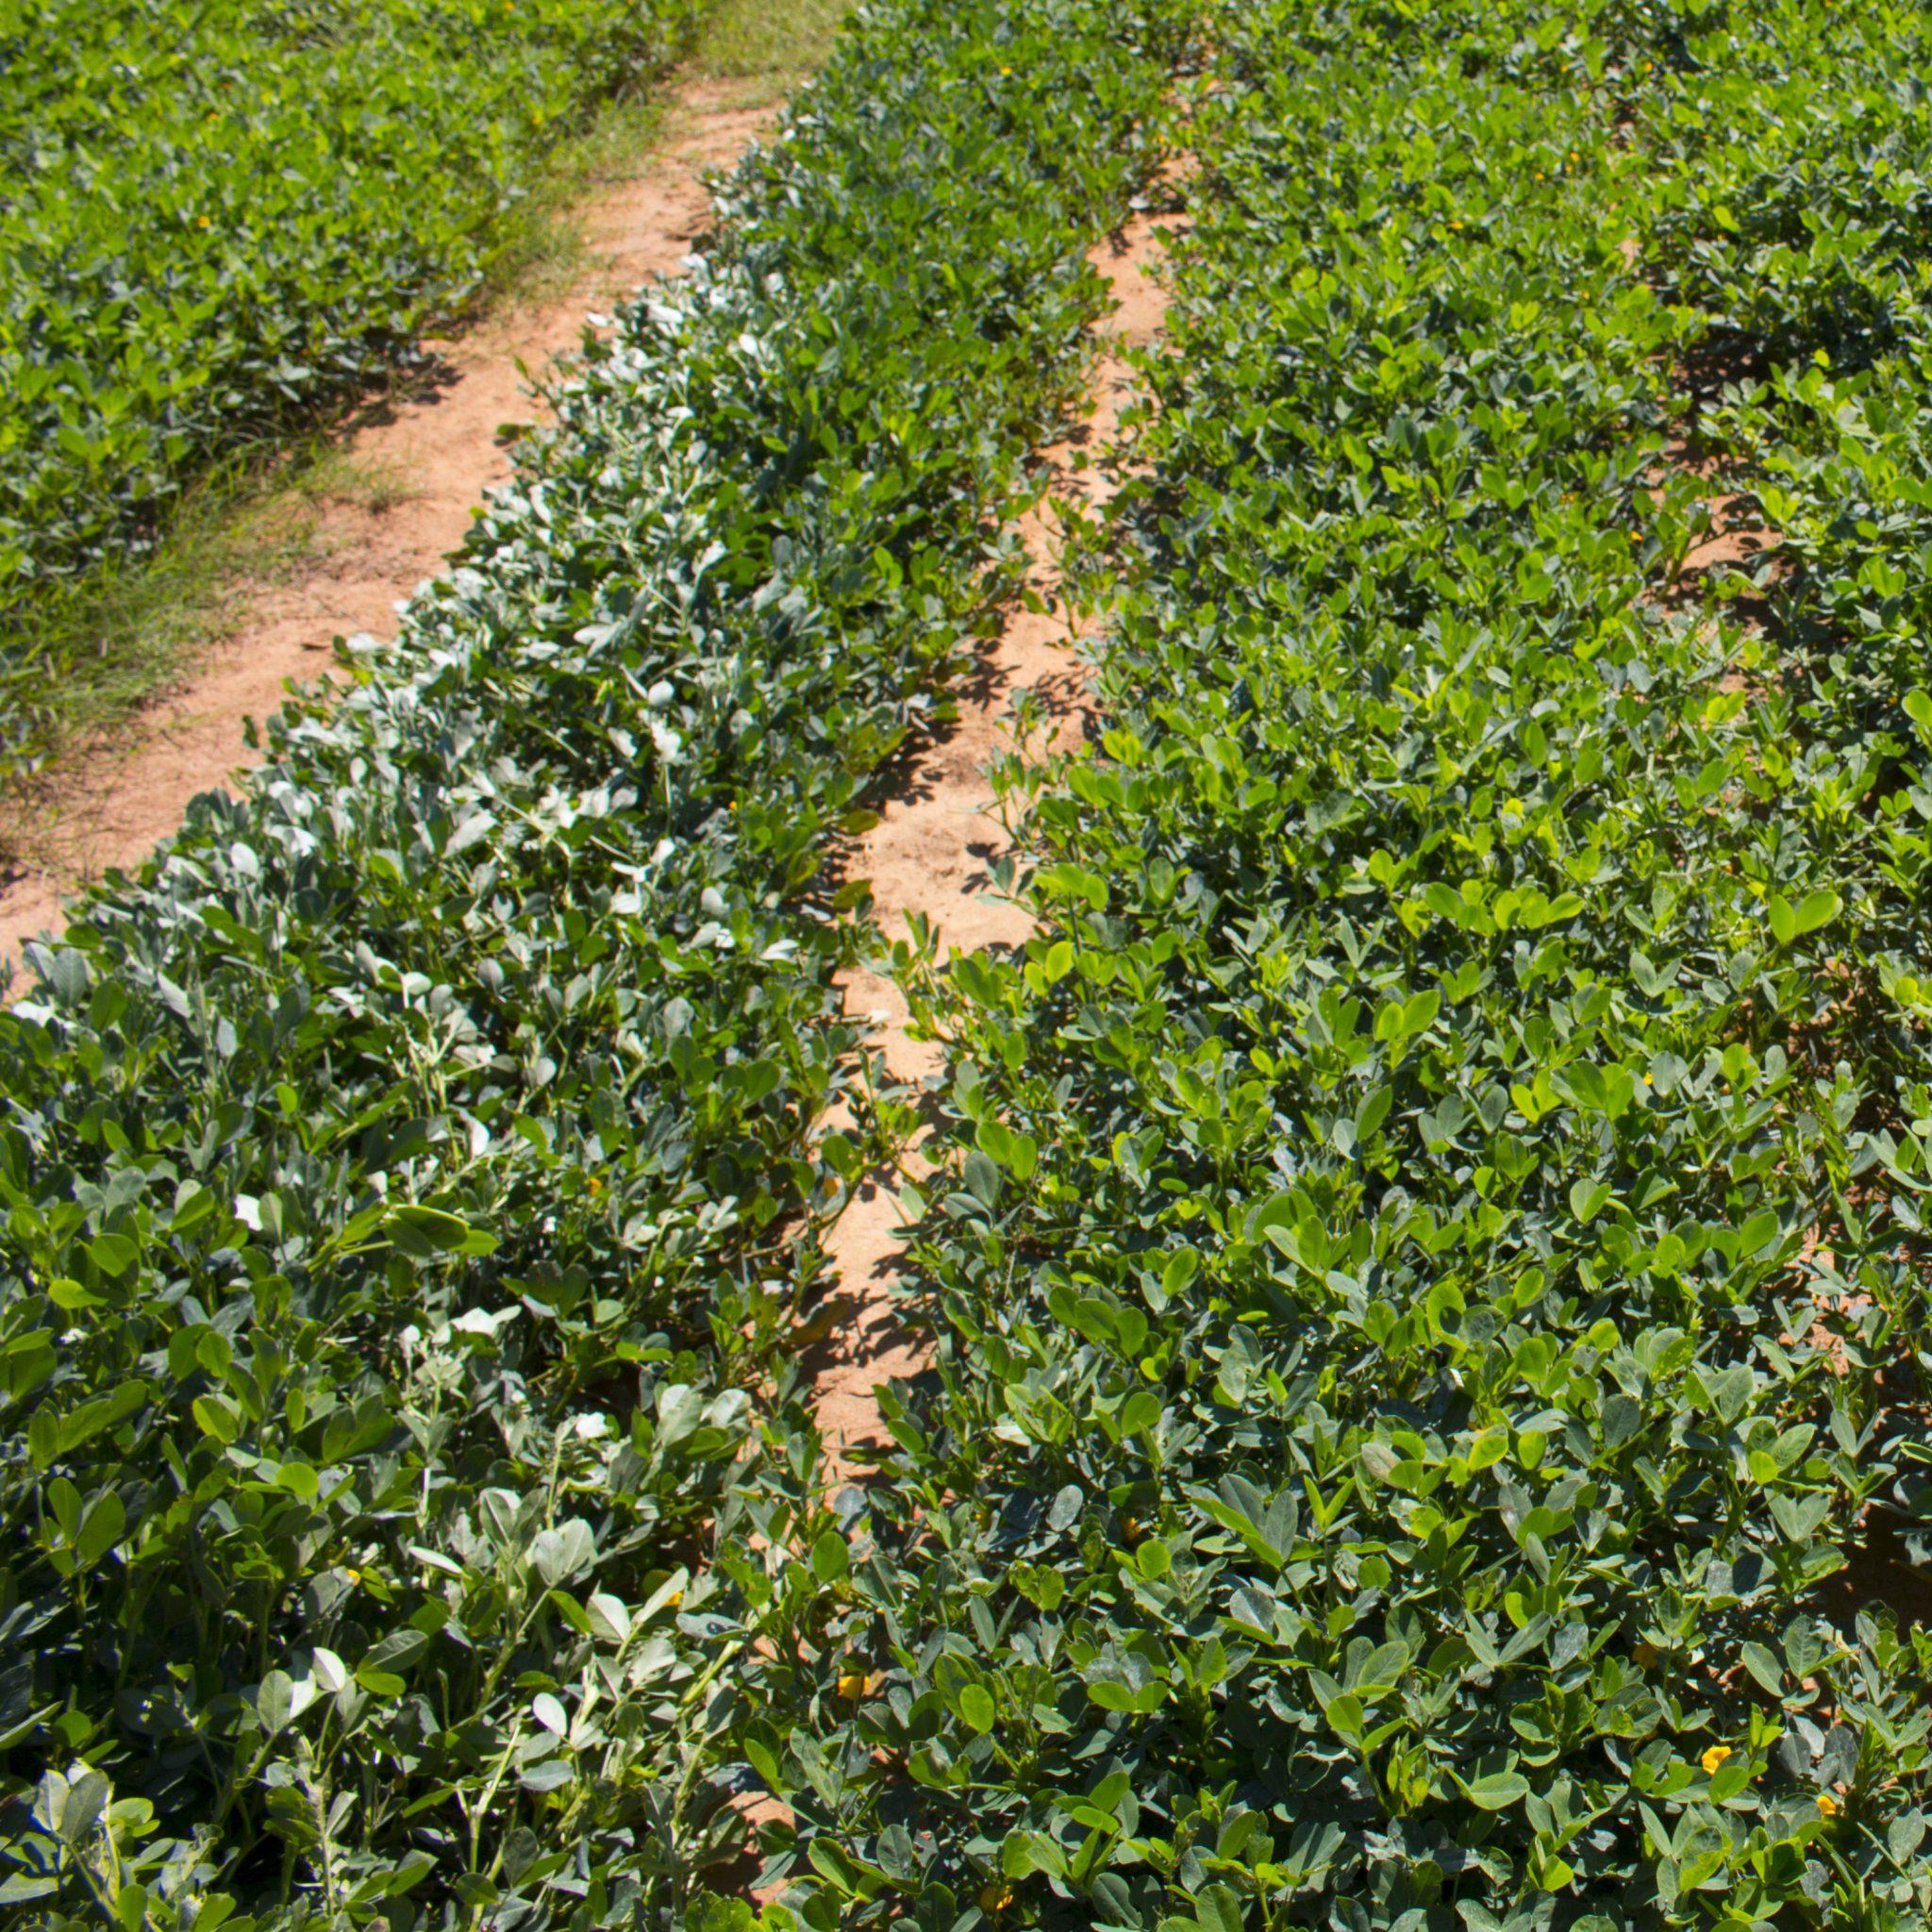 rows in a peanut field